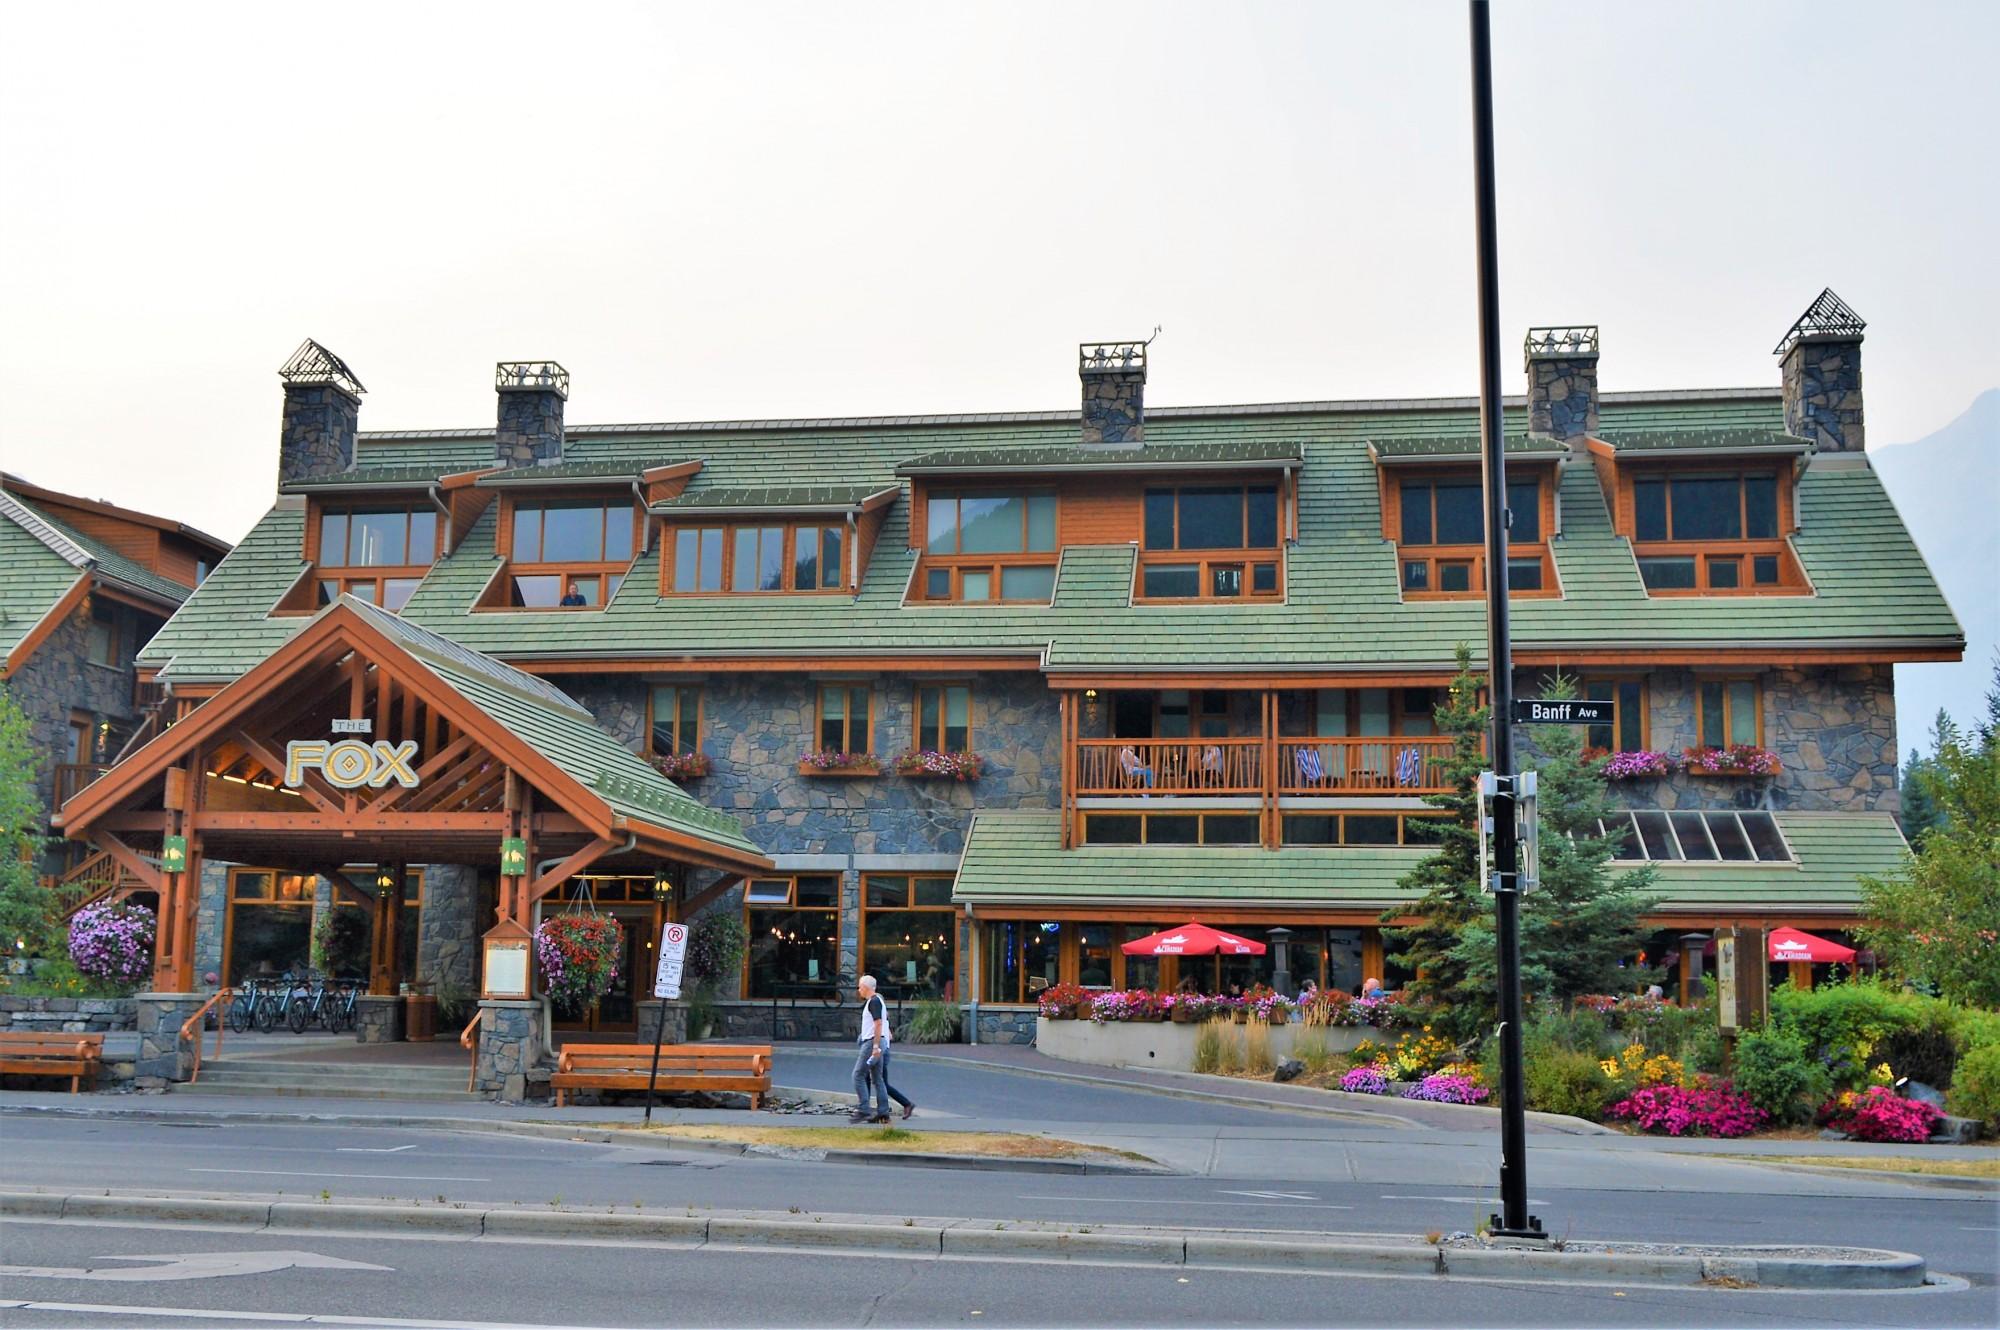 The Fox Hotel, Banff